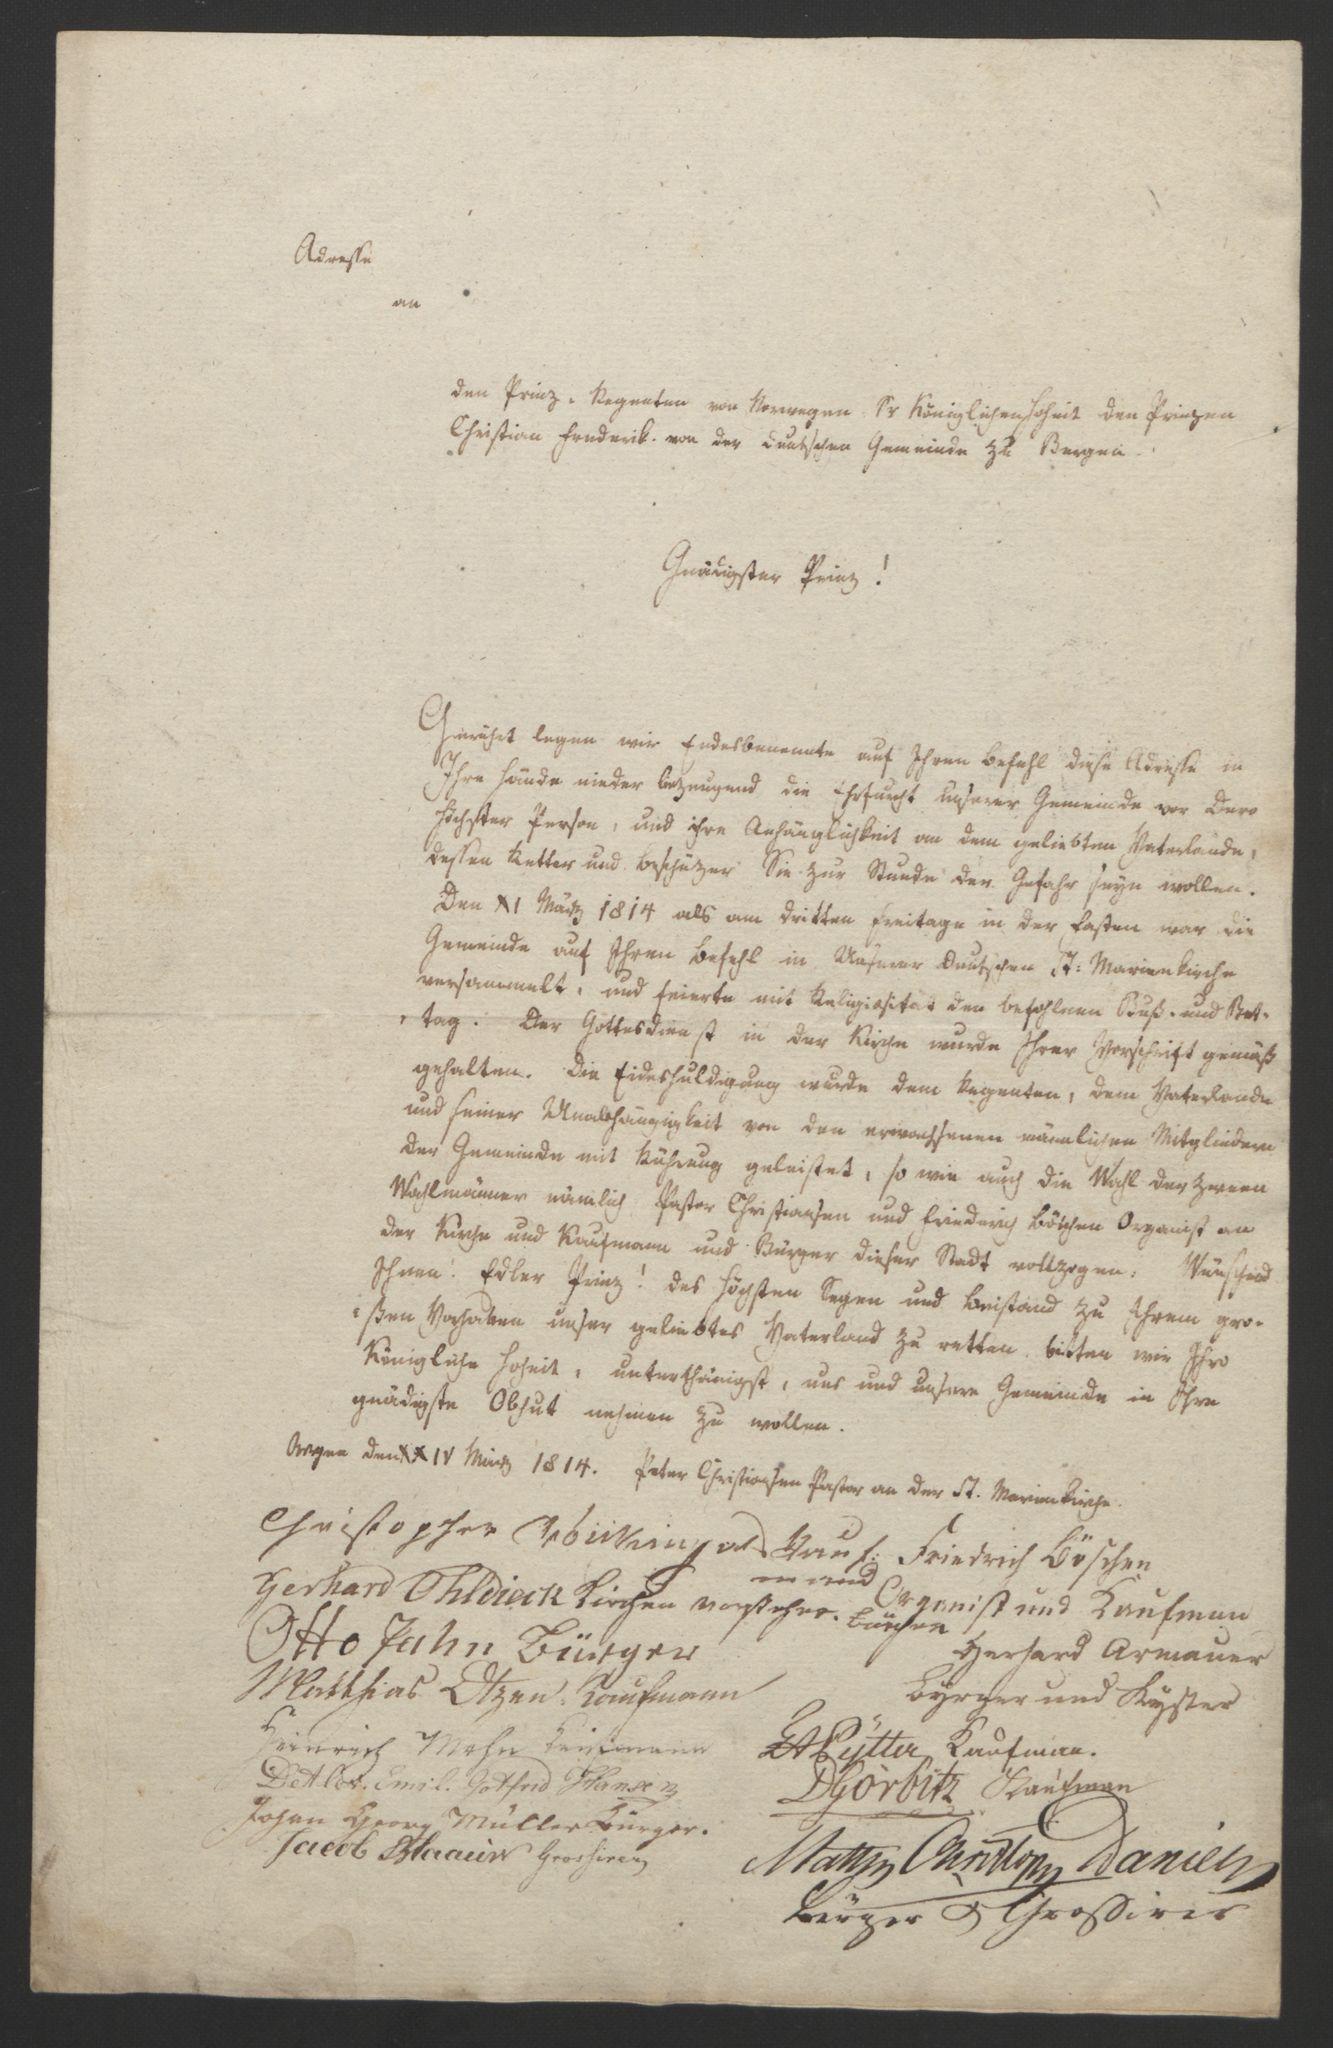 RA, Statsrådssekretariatet, D/Db/L0007: Fullmakter for Eidsvollsrepresentantene i 1814. , 1814, s. 50